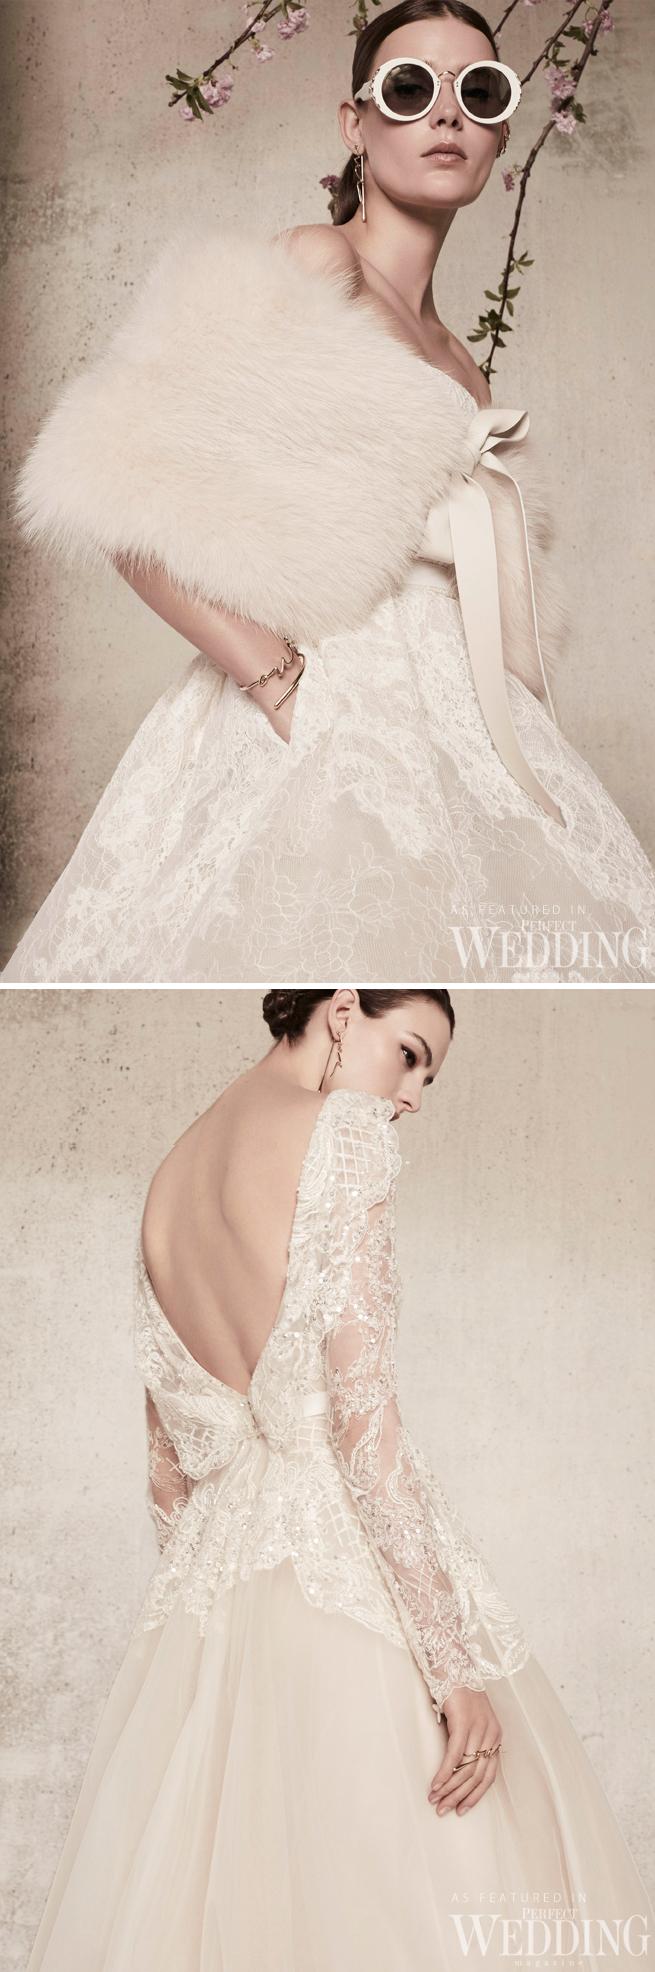 Elie Saab, Elie Saab Bridal, Elie Saab RTW Bridal, In Blomm, Elie Saab 2018 bridal, Perfect Wedding Magazine, Perfect Wedding Blog, 2018 bridal trends, haute couture